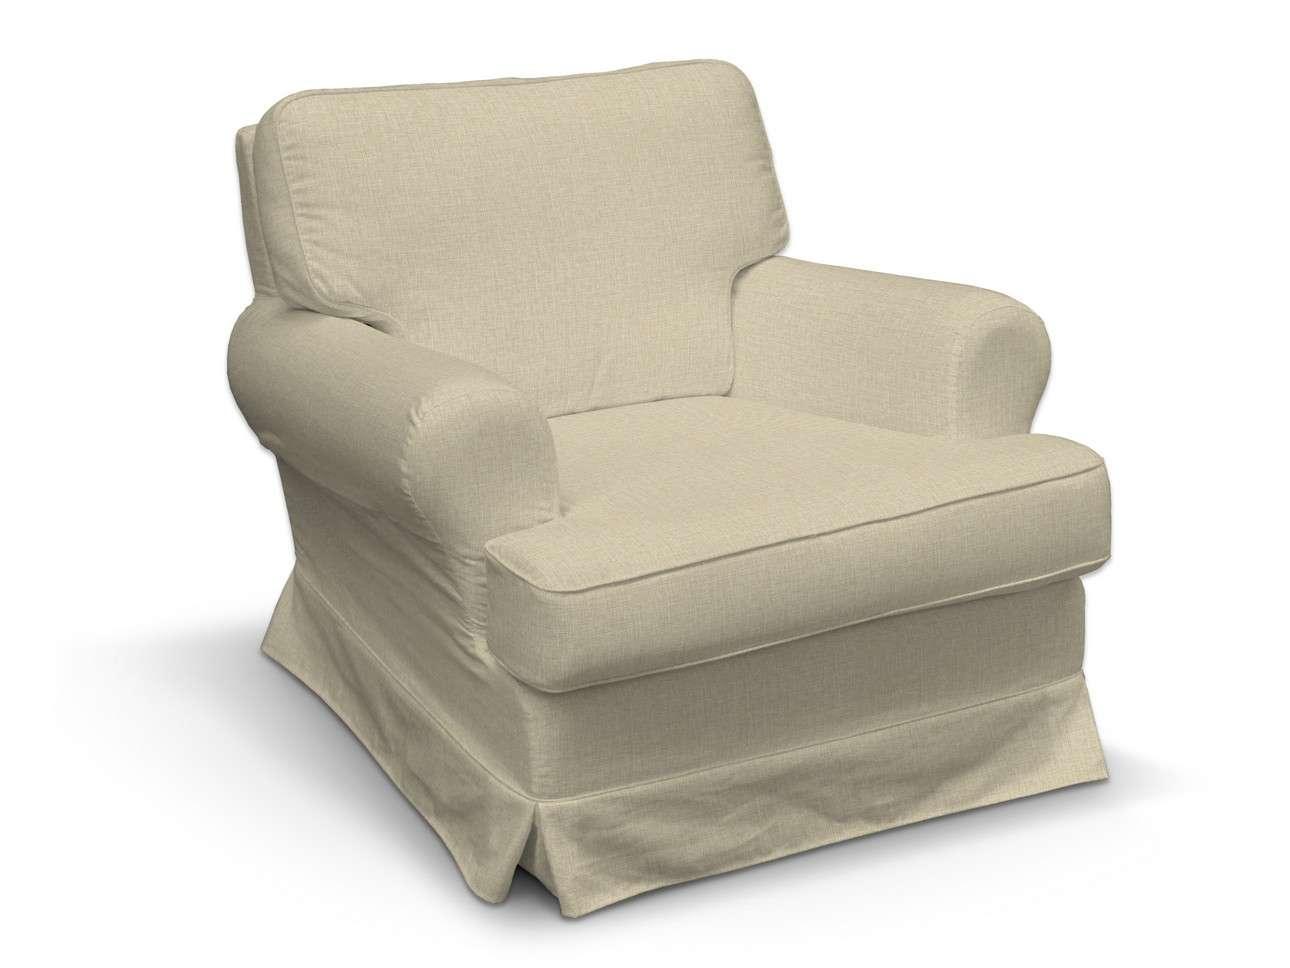 Bezug für Barkaby Sessel von der Kollektion Living, Stoff: 161-45